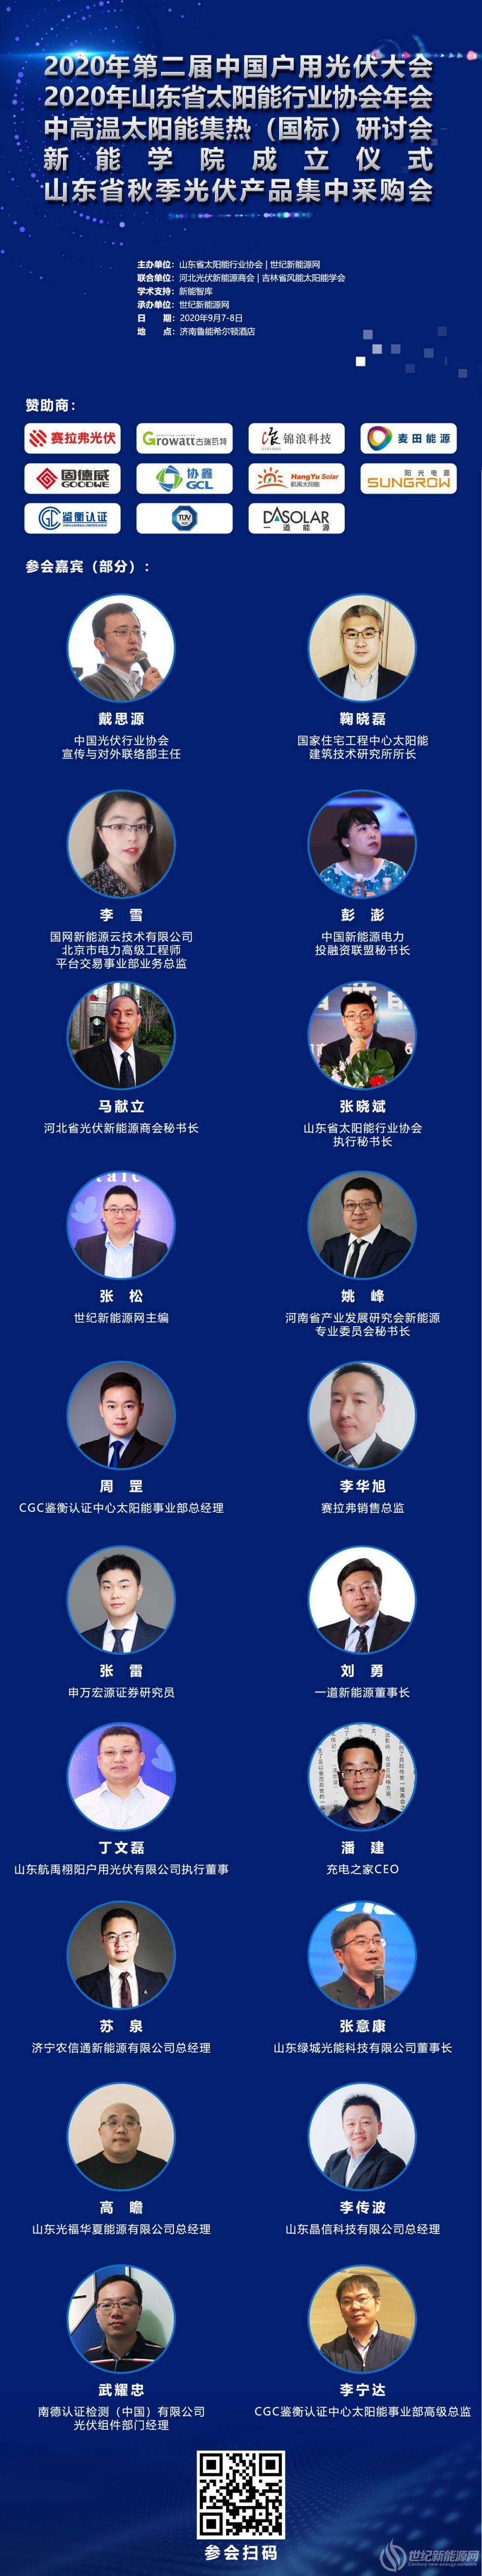 户用光伏大会企业赞助商长图(5)